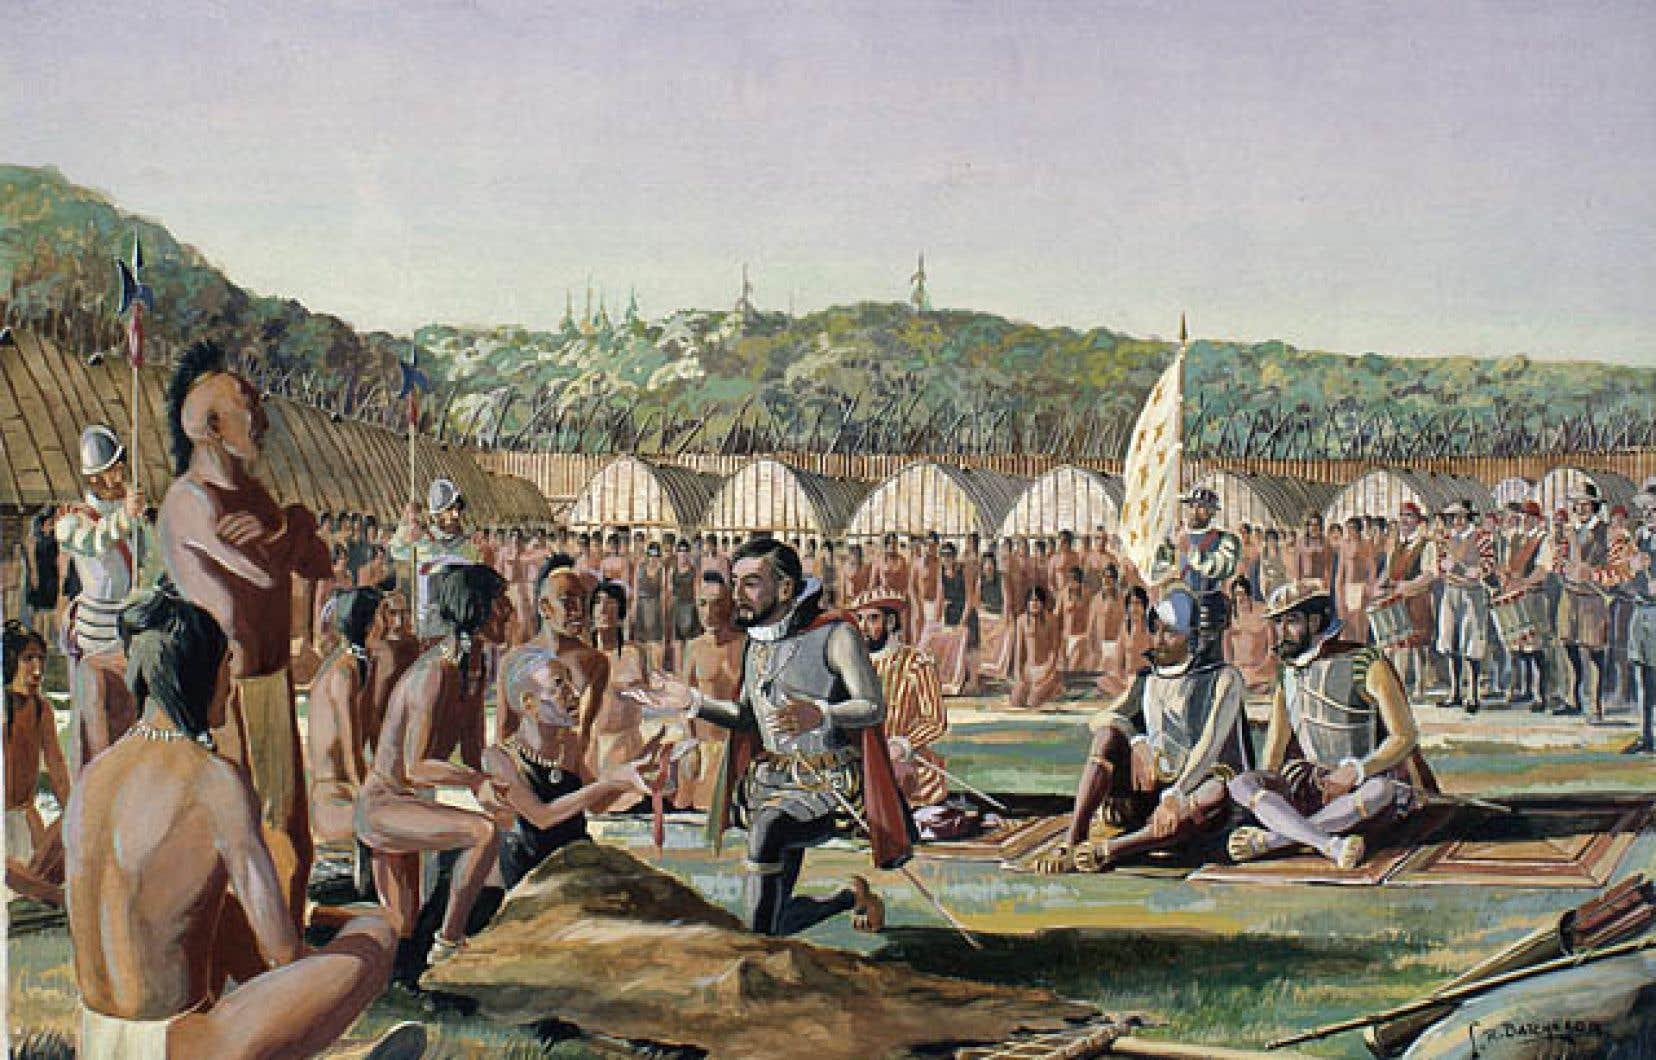 L'aquarelle réalisée par Lawrence R. Batchelor représente Jacques Cartier visitant le village d'Hochelaga en 1535.